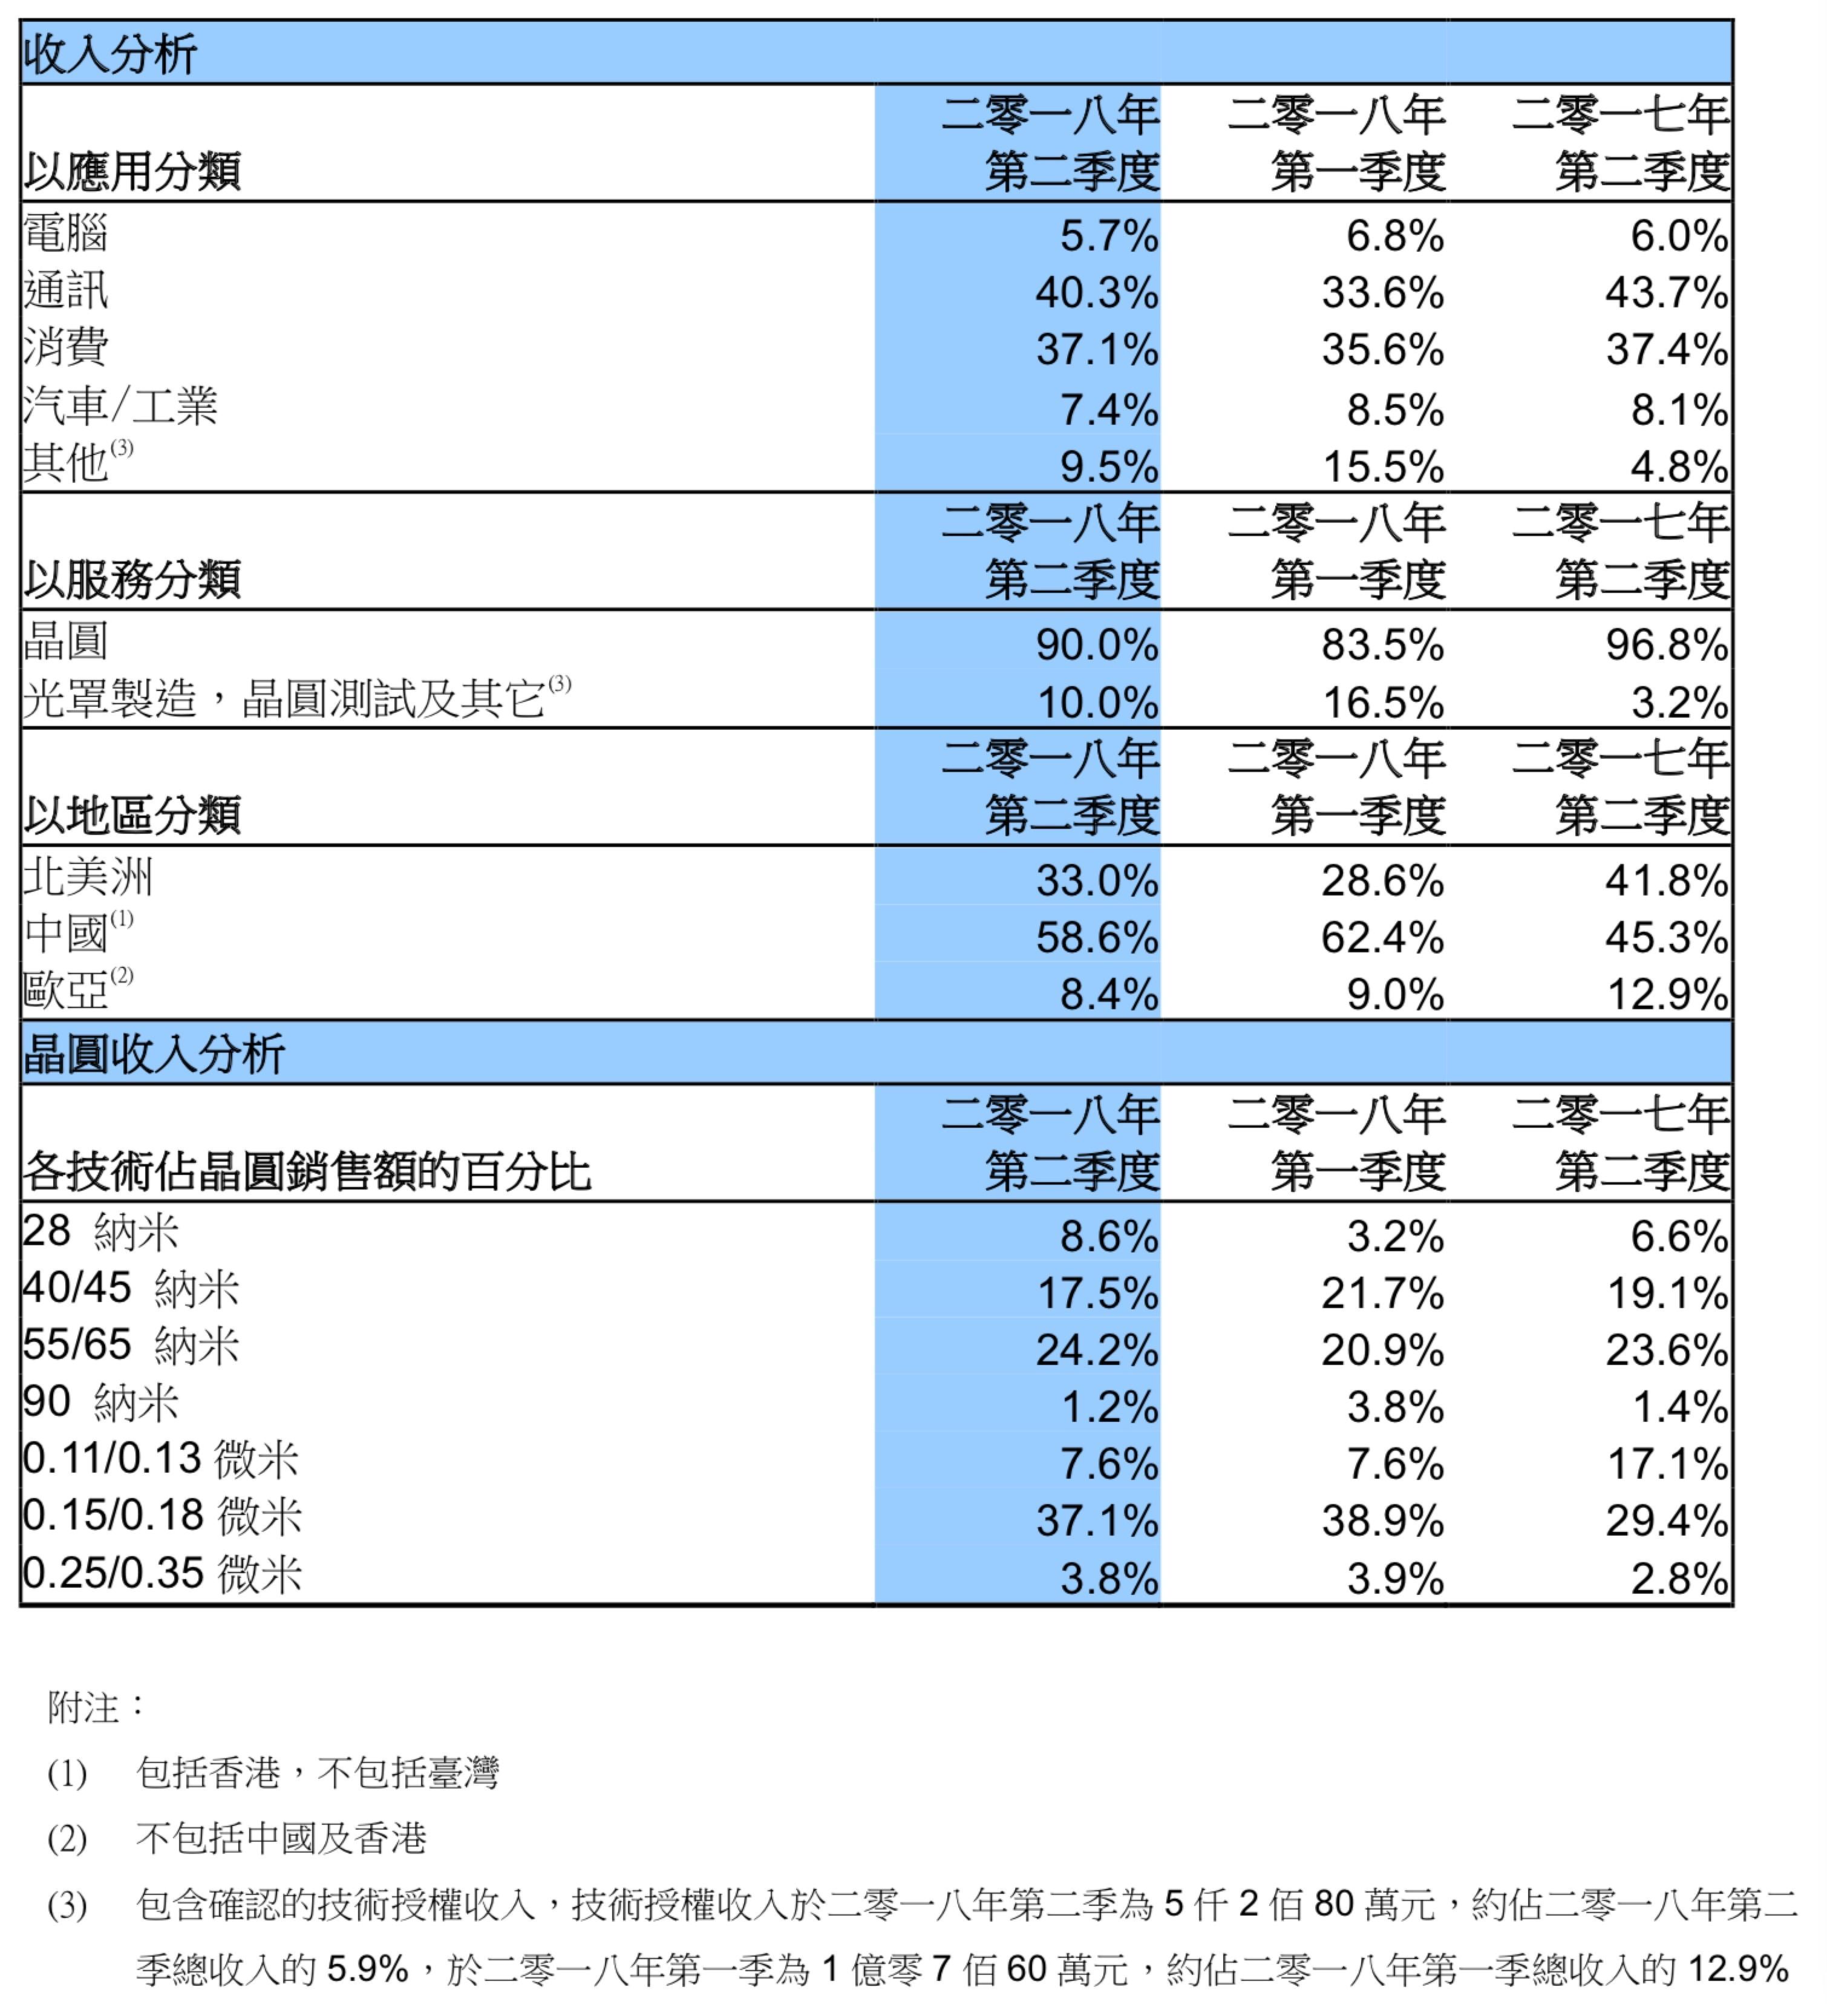 中芯国际14纳米FinFET制程开始客户导入,Q2营收同比增长18.6%